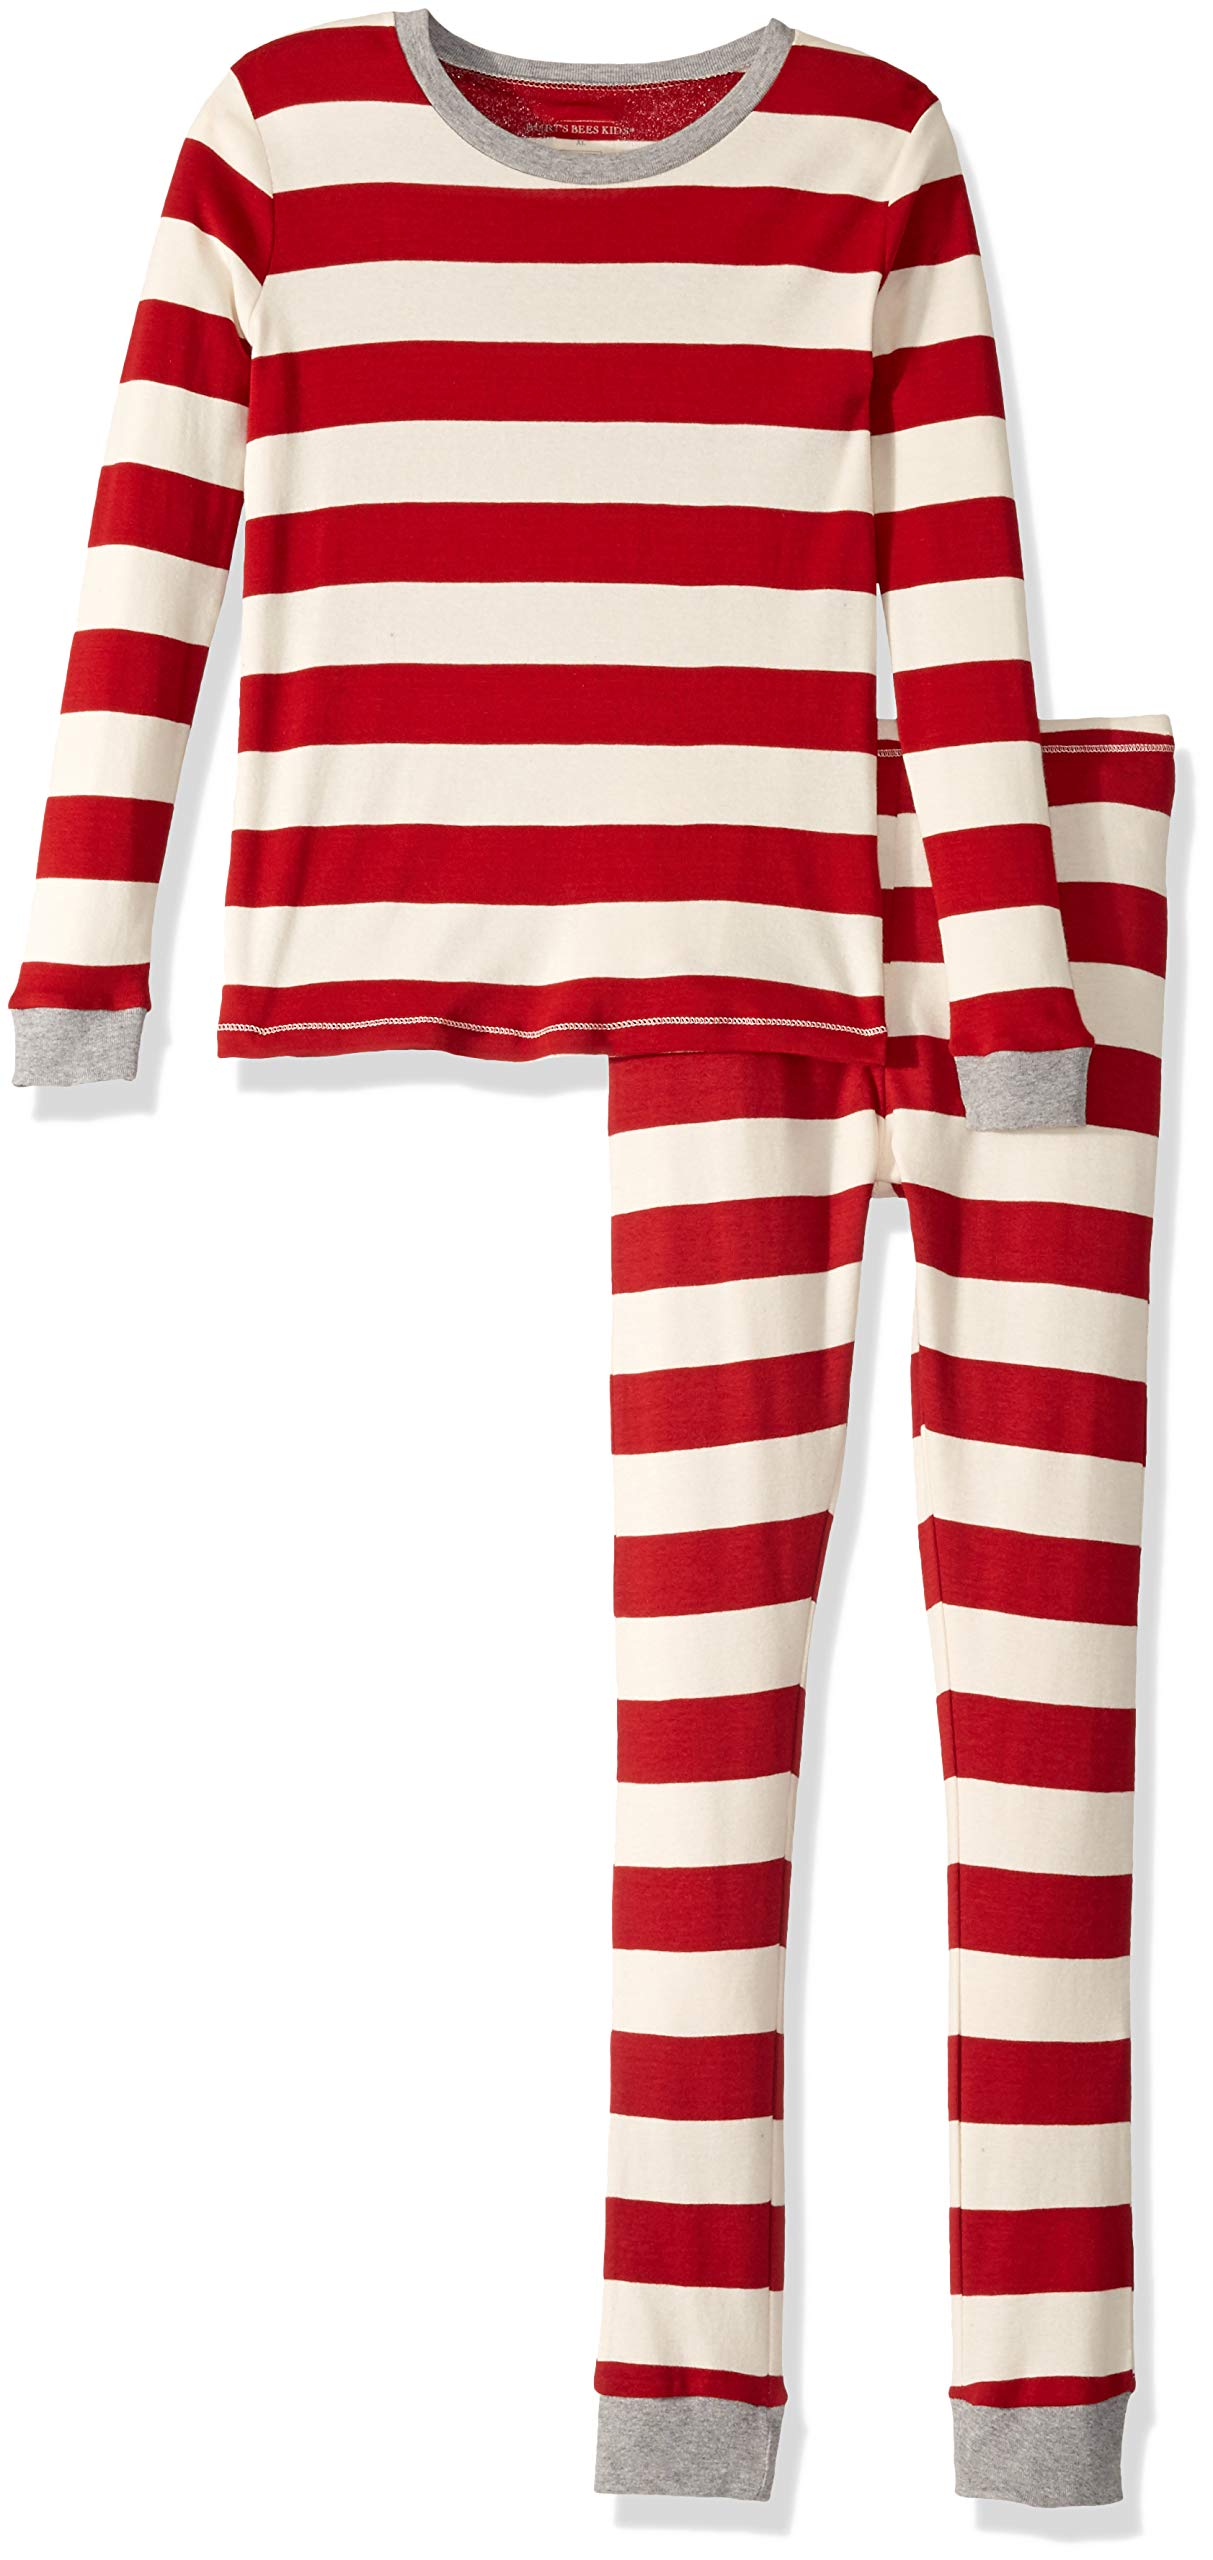 351d84b285d4 Burt's Bees Baby Unisex Big Holiday Pajamas, 2-Piece PJ Sets, 100 ...